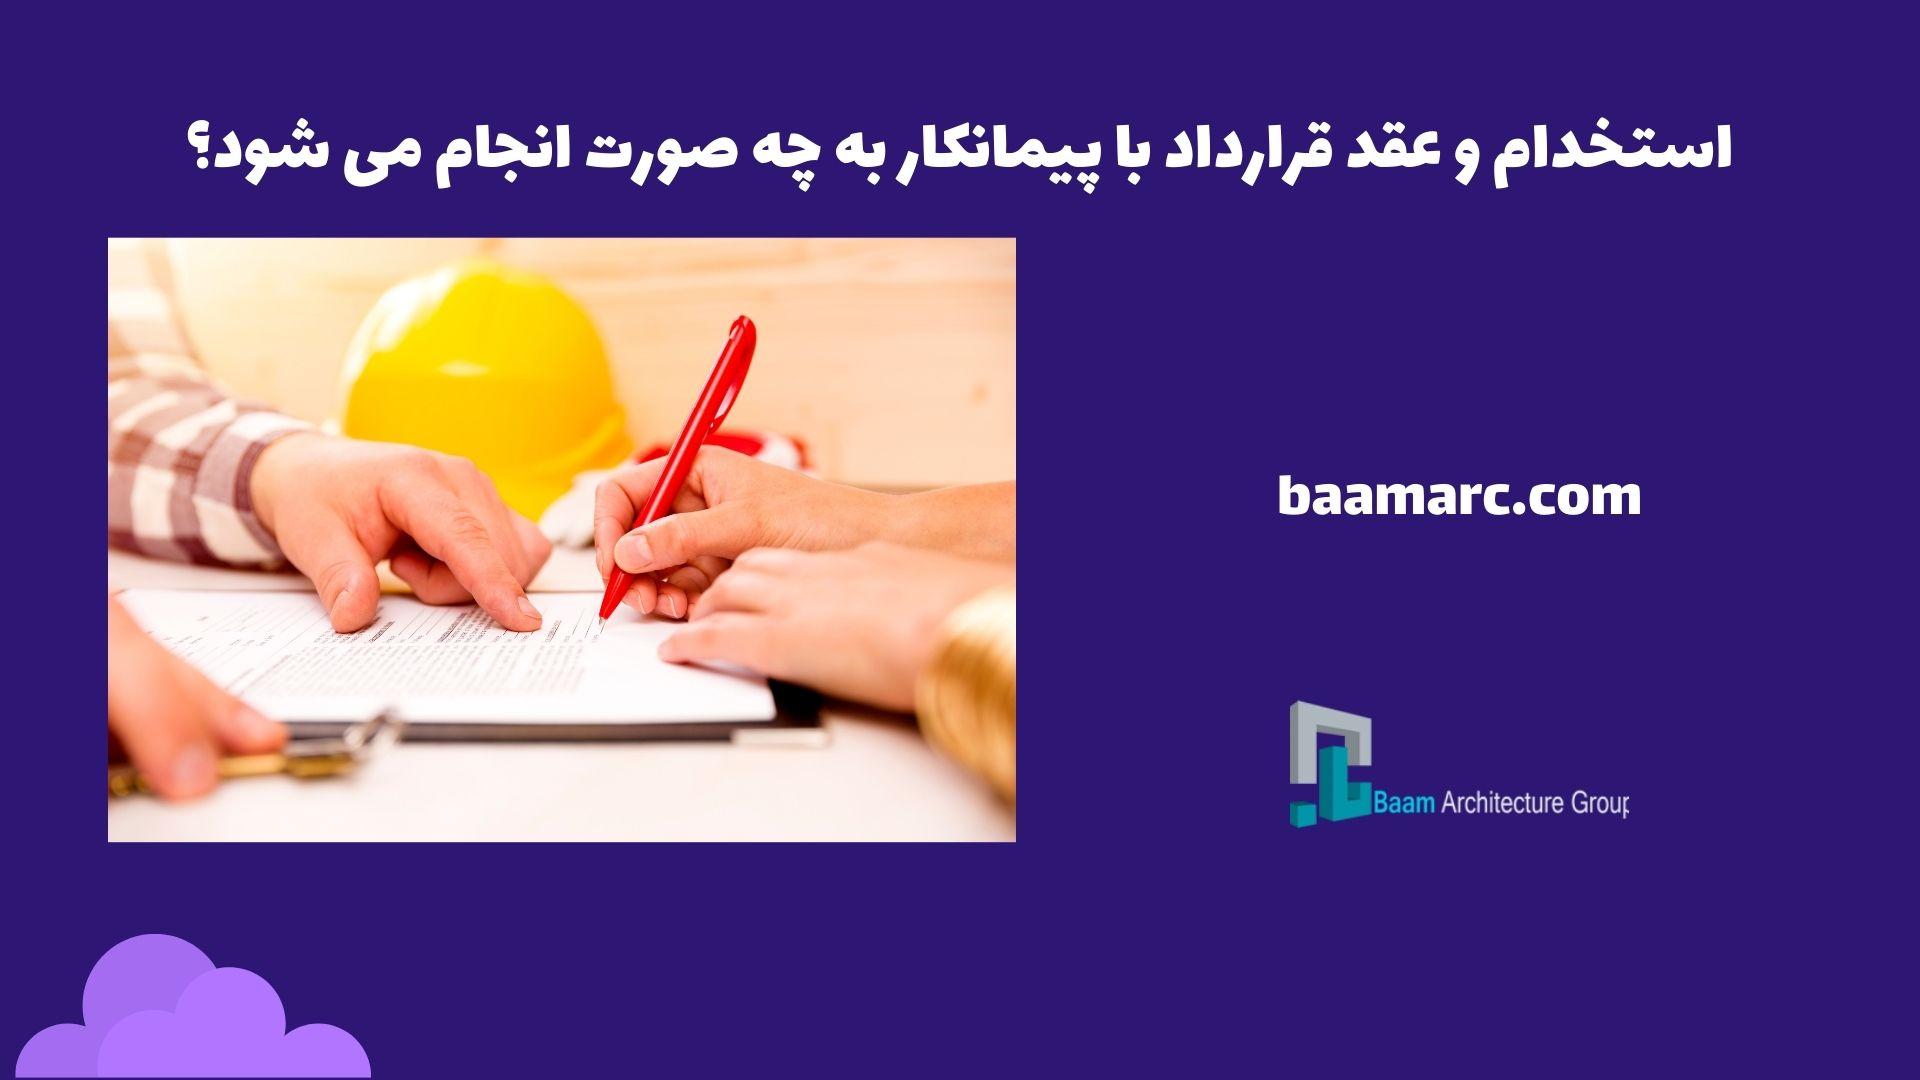 استخدام و عقد قرارداد با پیمانکار، به چه صورت انجام می شود؟